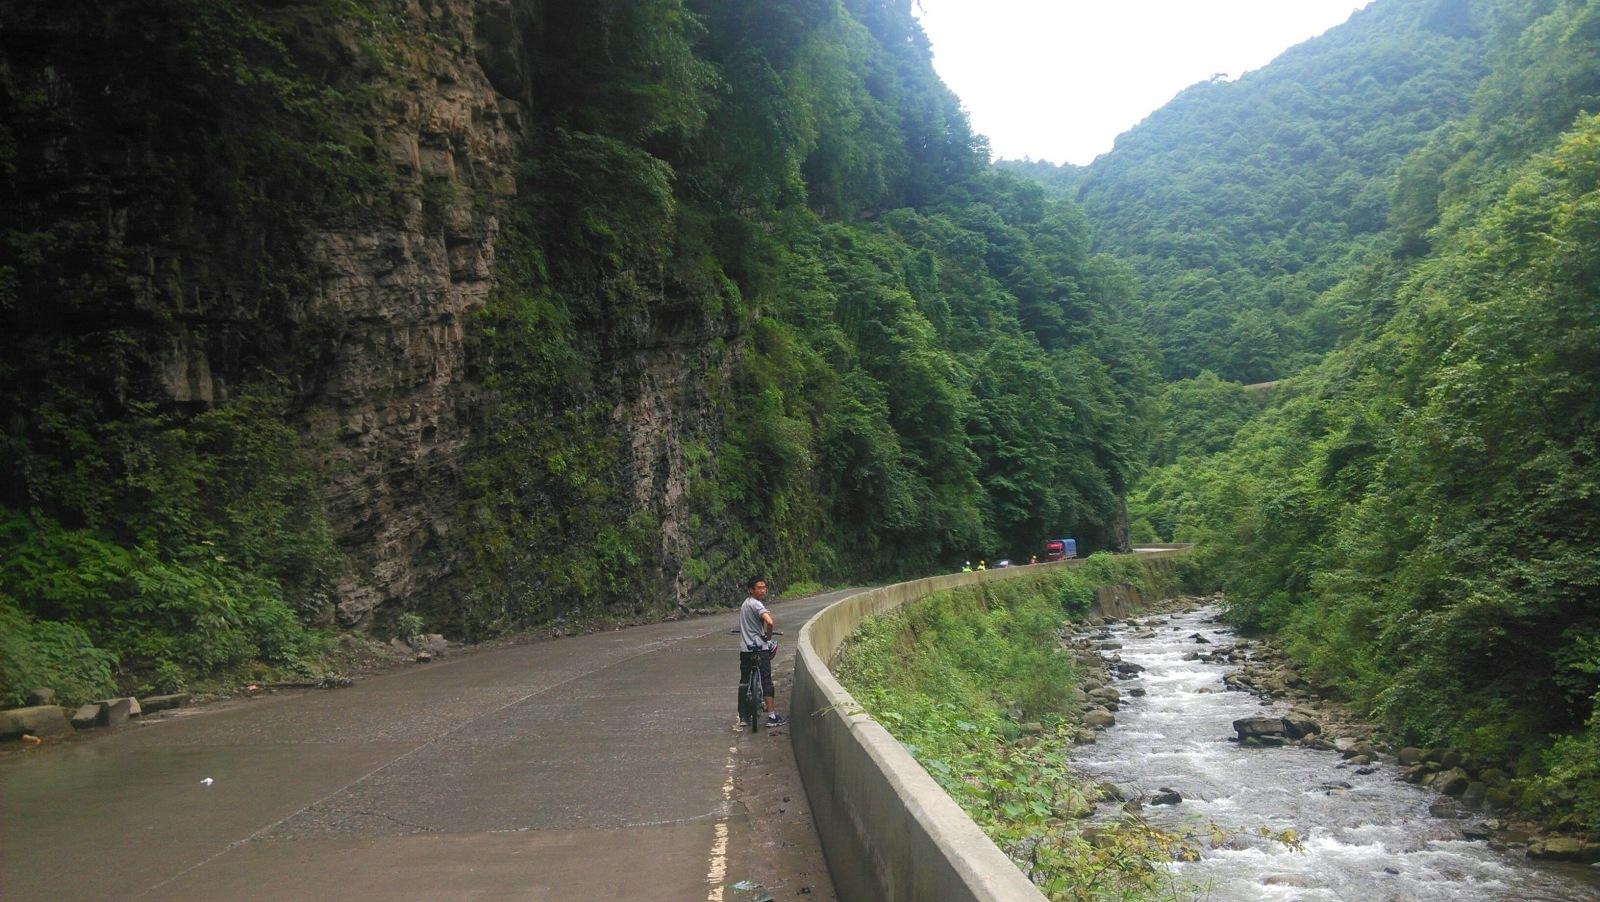 爬二郎山咯,一路上坡,看这路都是横着给山劈一块下来修的,川藏线那个一公里牺牲一人的传说真的很有可能啊